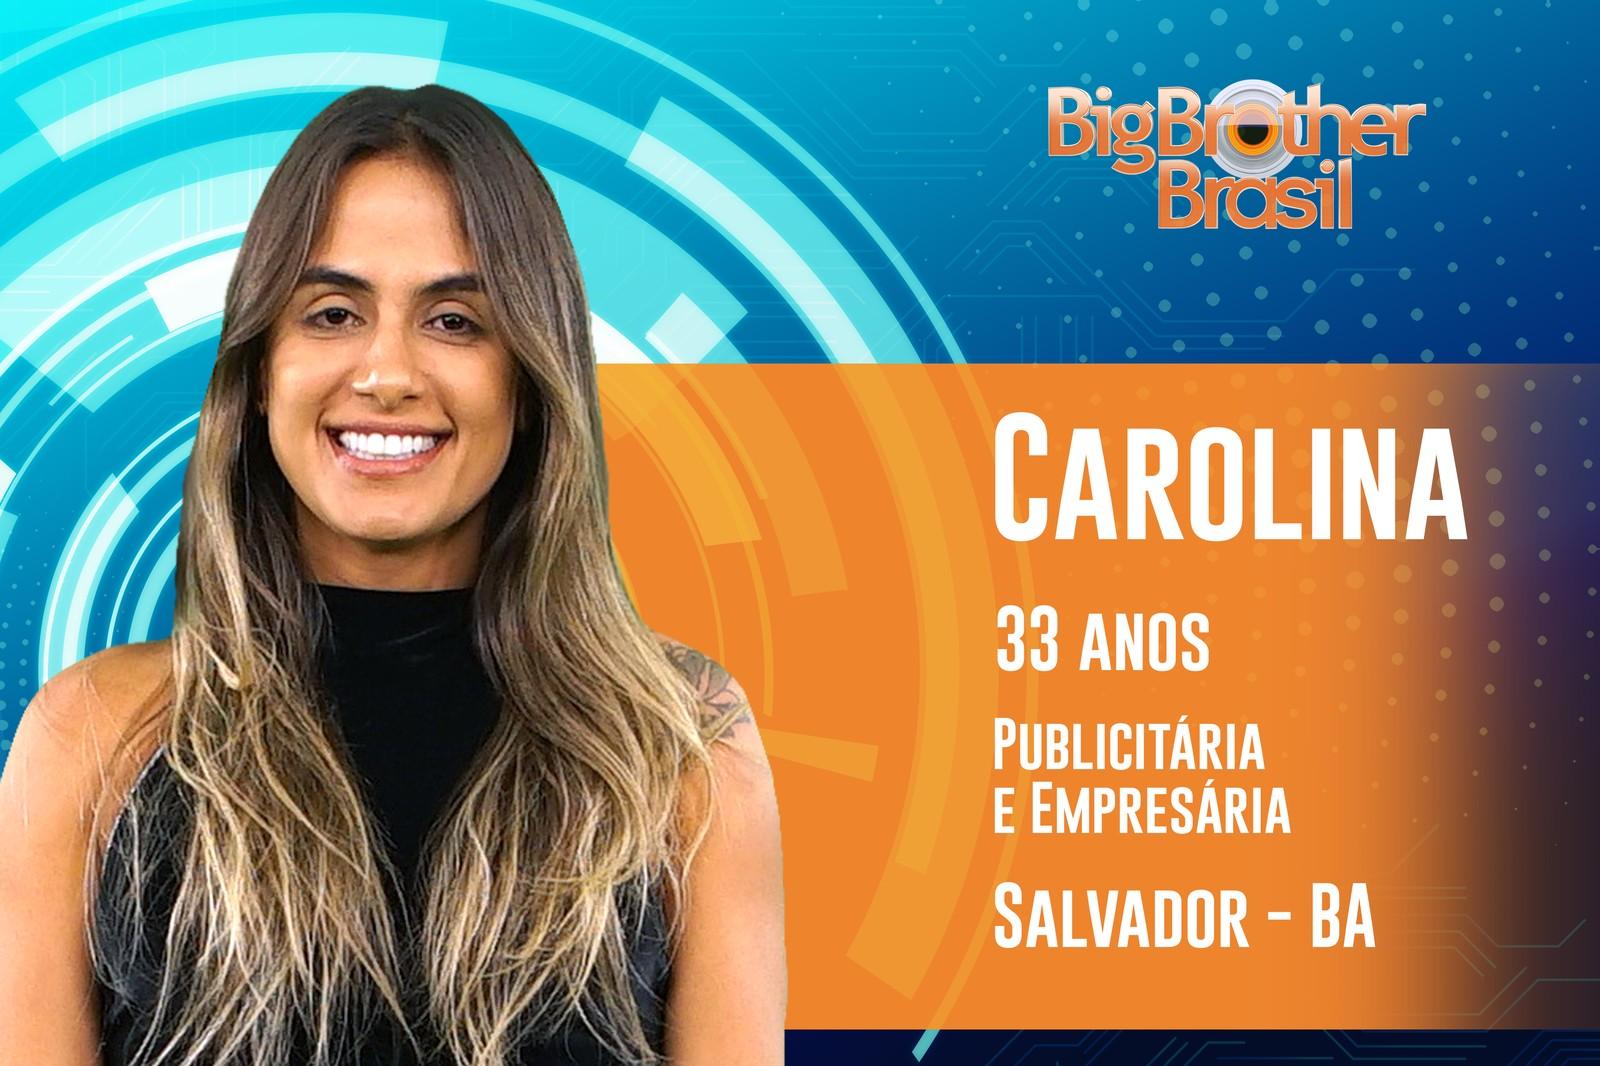 Carolina tem 33 anos e estará no BBB19 da Globo